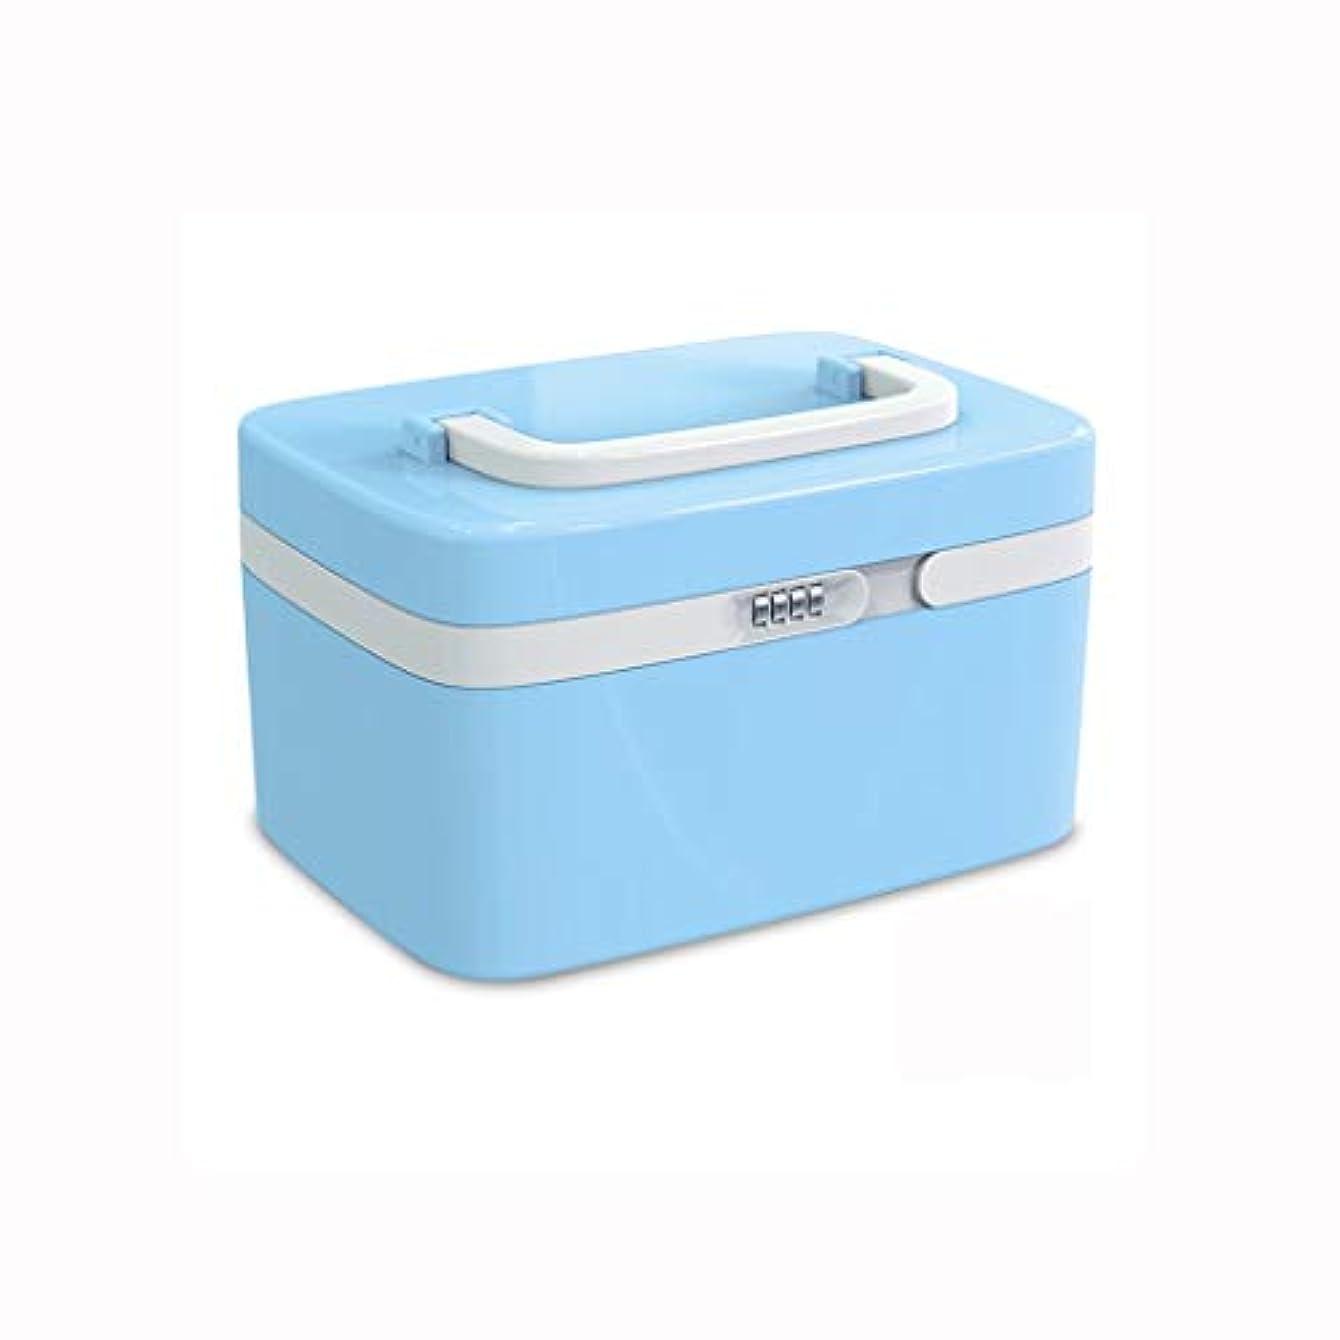 コイン量ワイヤー家庭用薬箱プラスチック救急箱薬収納ボックス携帯用医療箱パスワードロック付き AMINIY (Color : A)